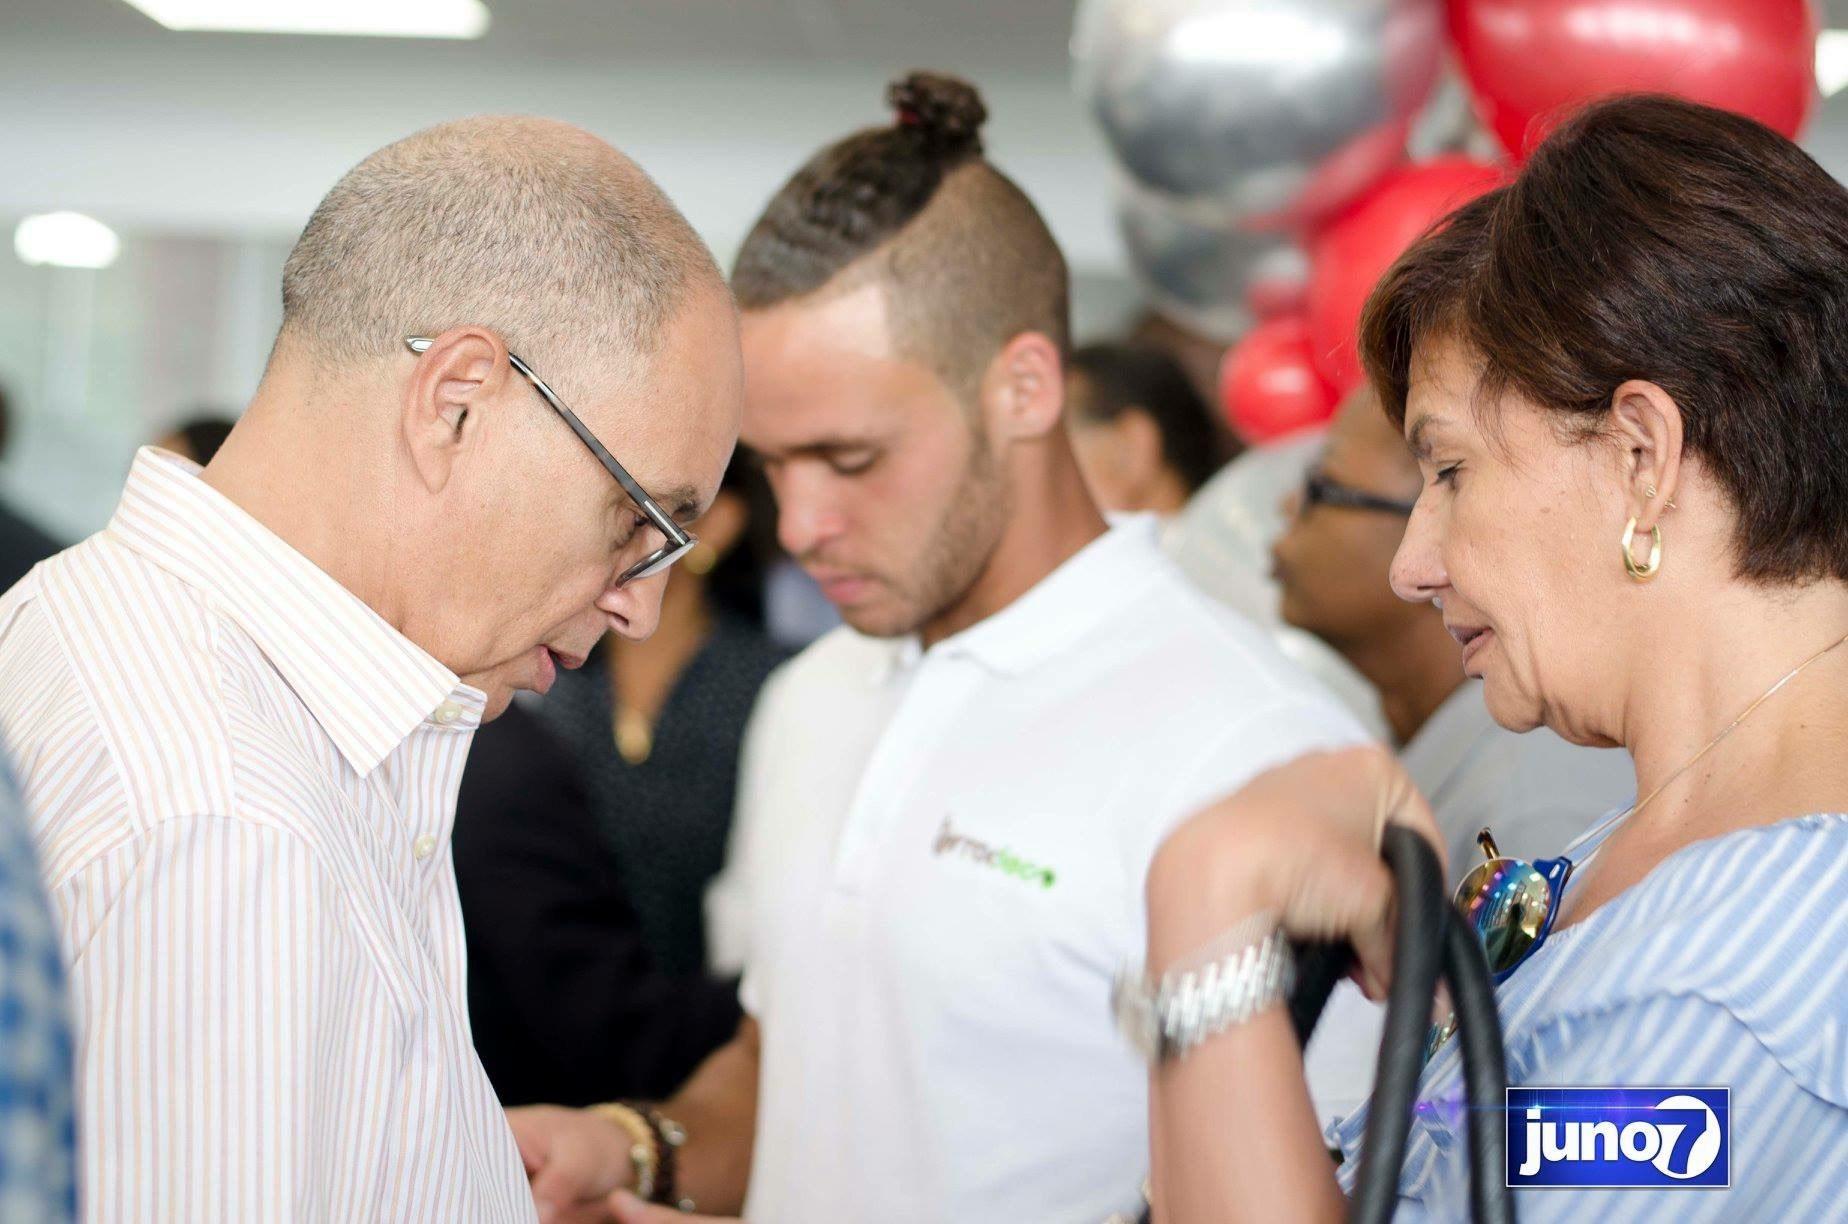 La Nissan Universal Motors inaugure le plus grand showroom de la caraïbe et de l'Amérique latine 45